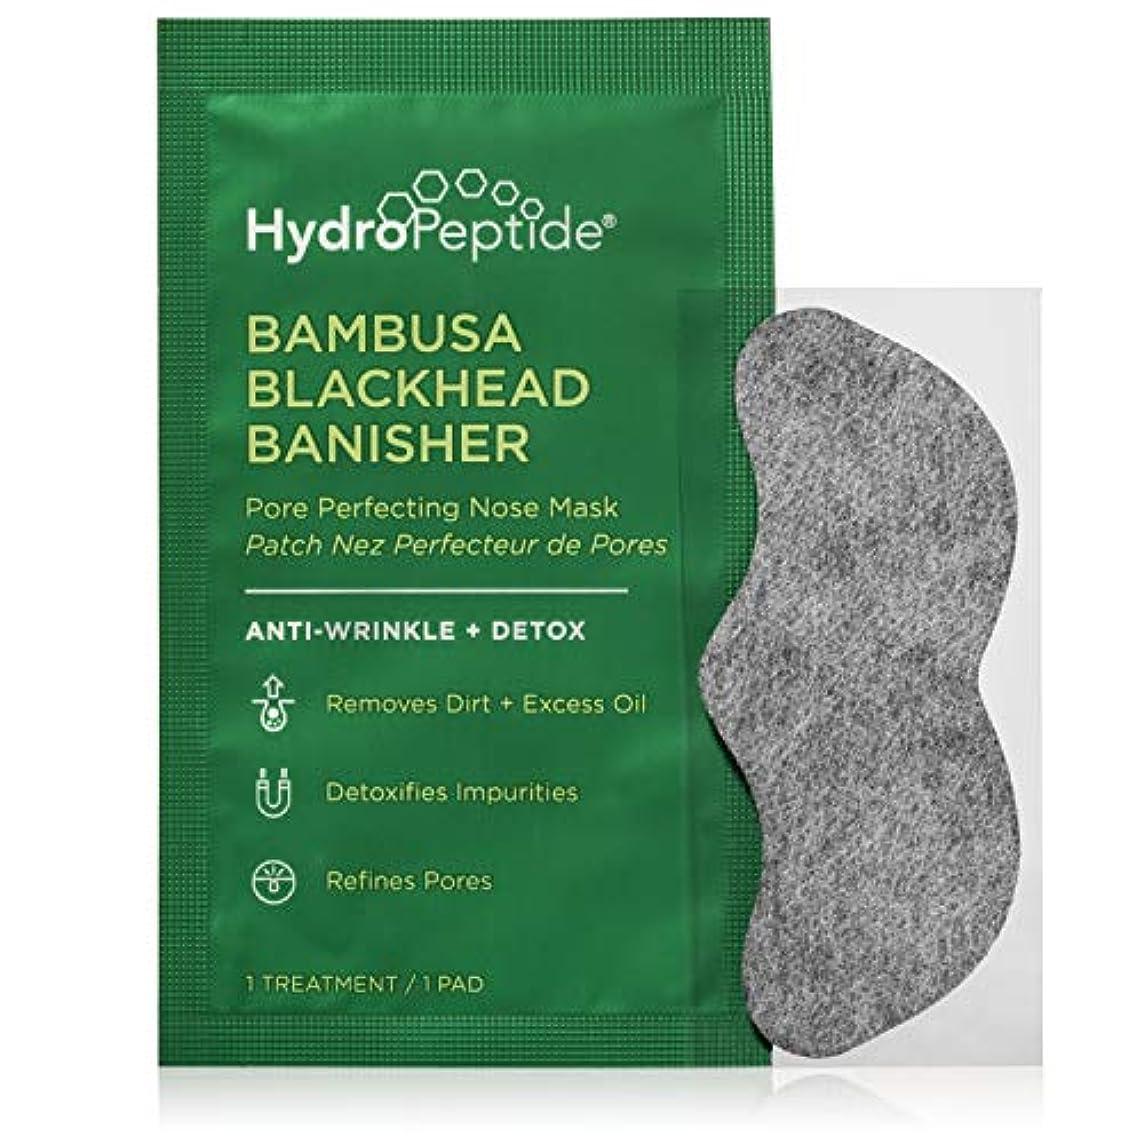 リーズリダクターラインハイドロペプチド Bambusa Blackhead Banisher Pore Perfecting Nose Mask 8sheets並行輸入品